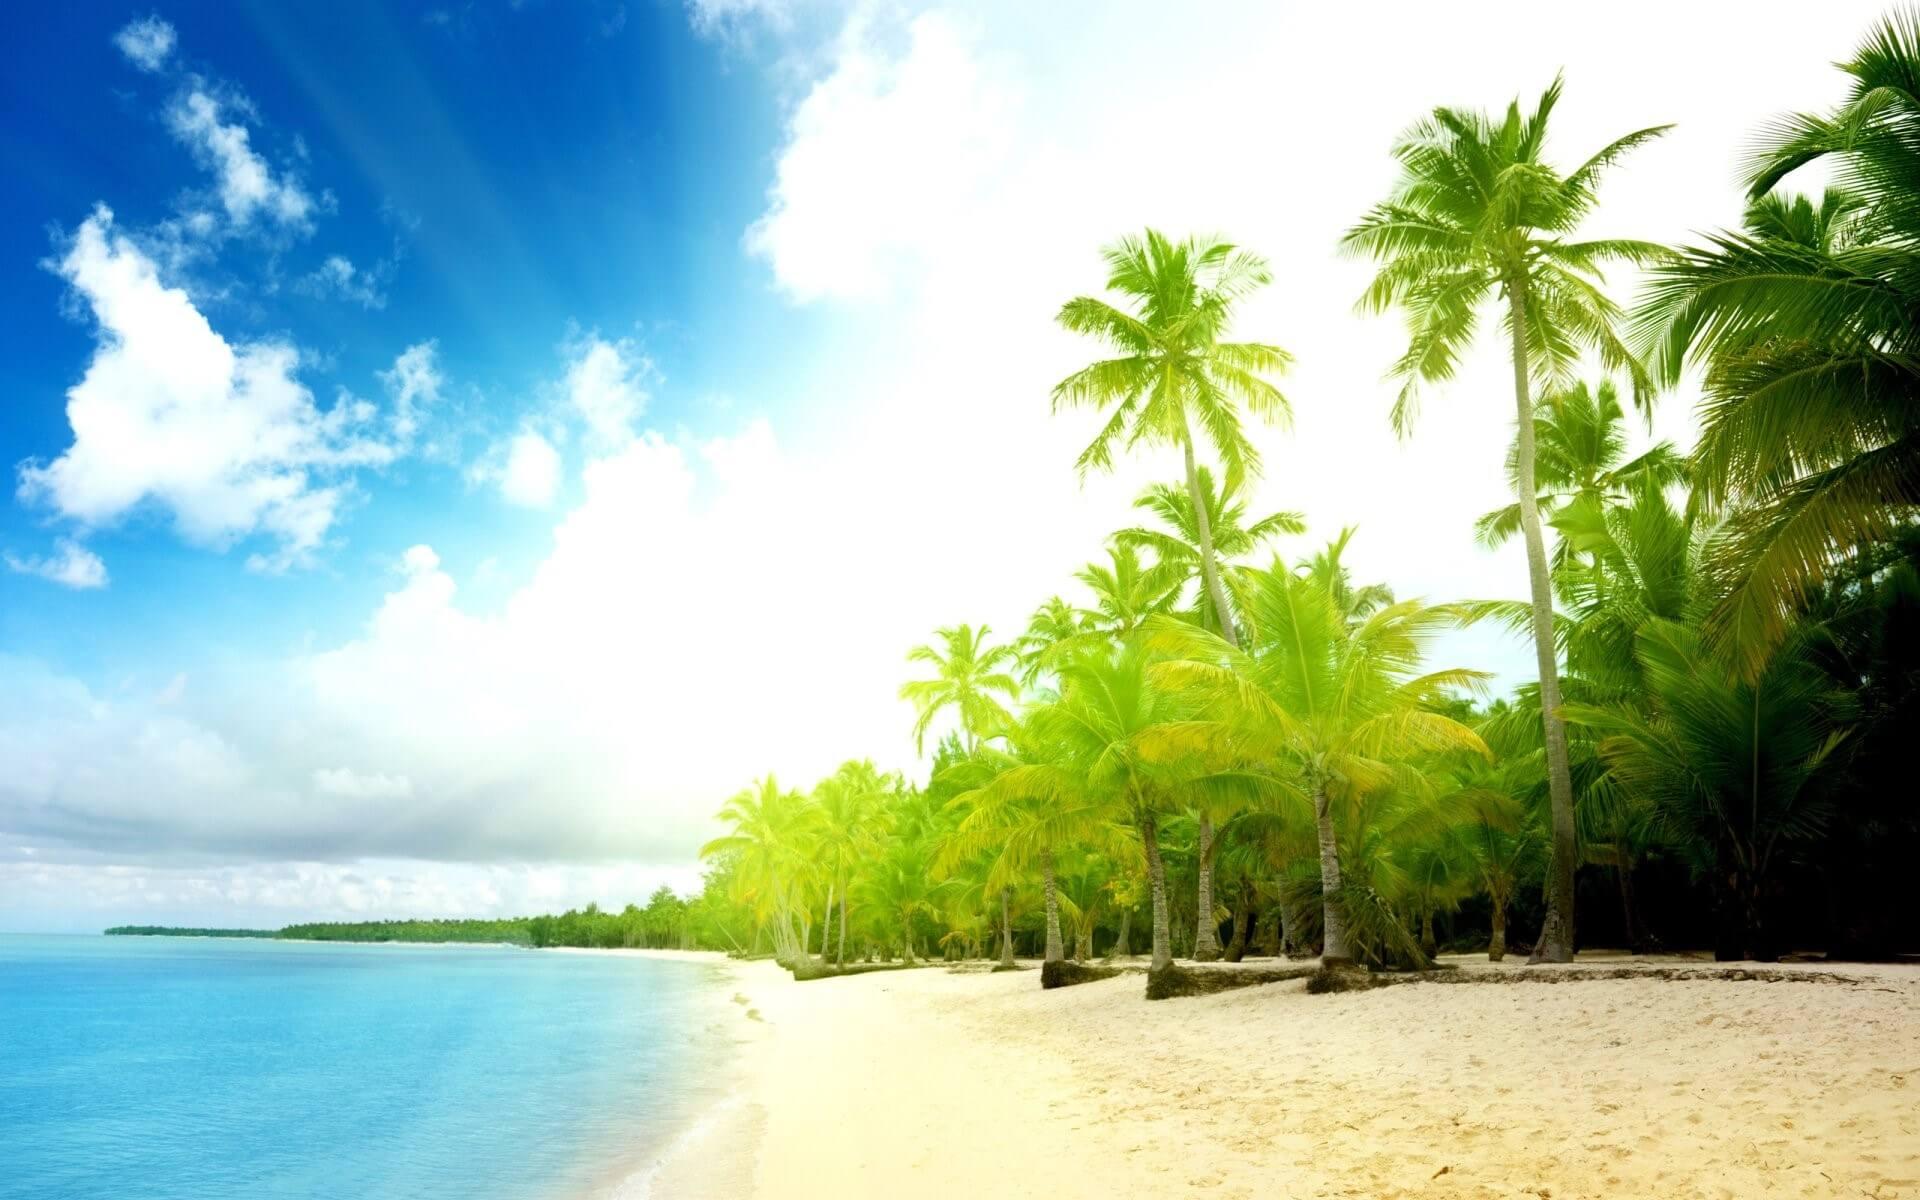 hình ảnh phong cảnh thiên nhiên với bãi biển số 33